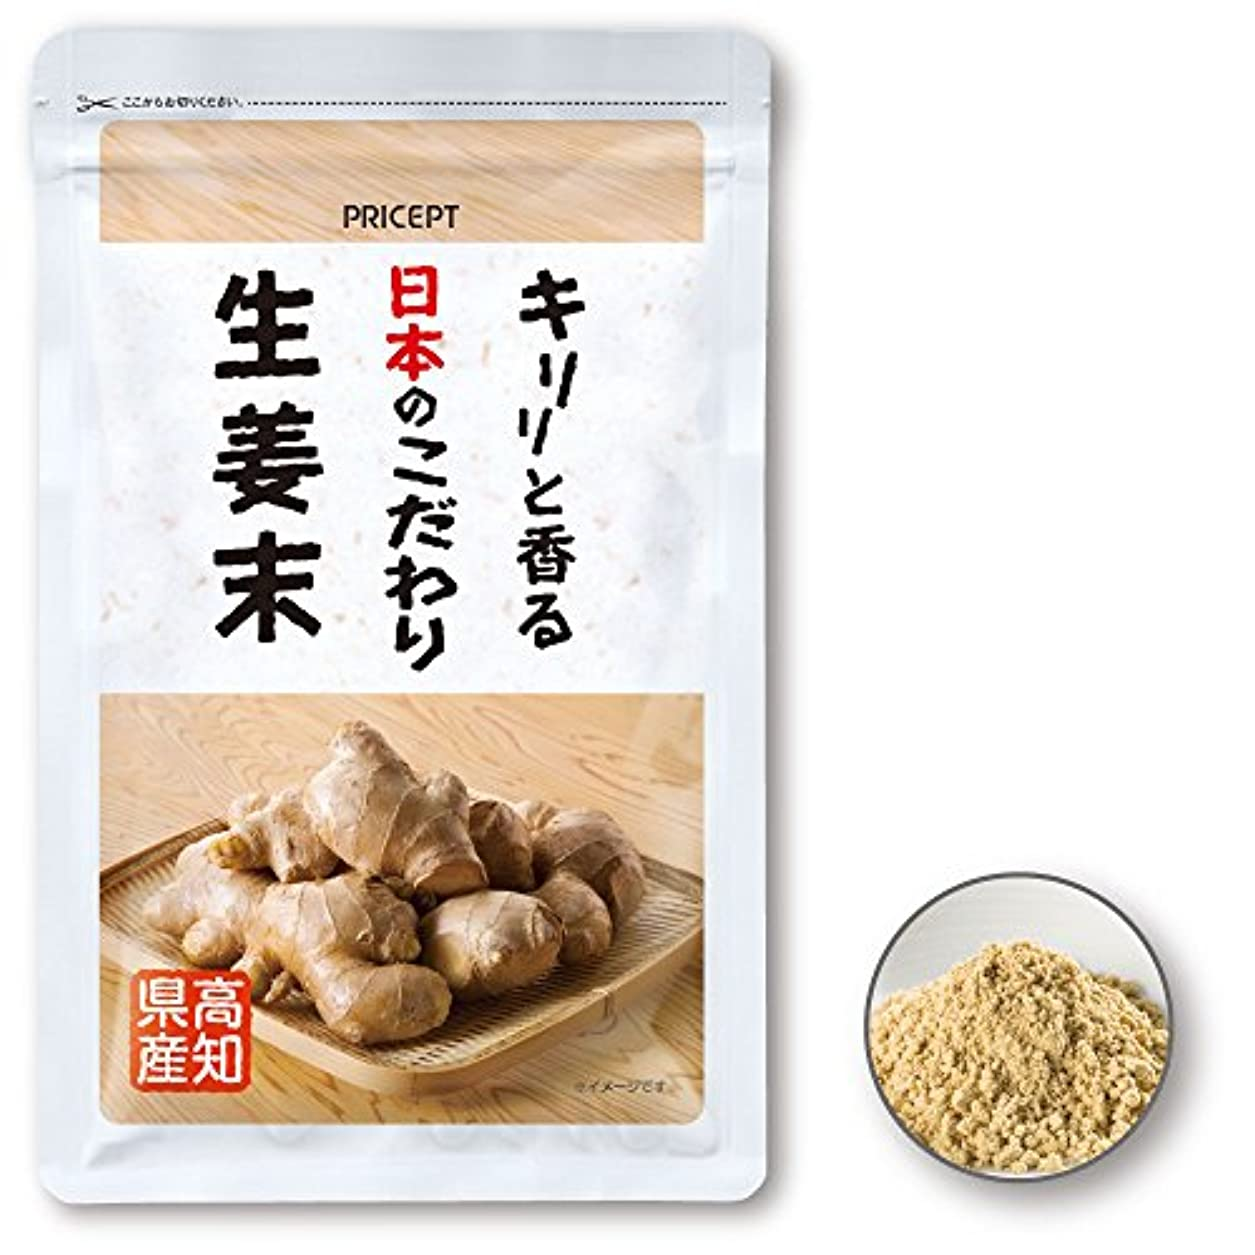 伸ばす測定包囲プリセプト キリリと香る日本のこだわり生姜末 50g(単品)(高知県産しょうが粉末)